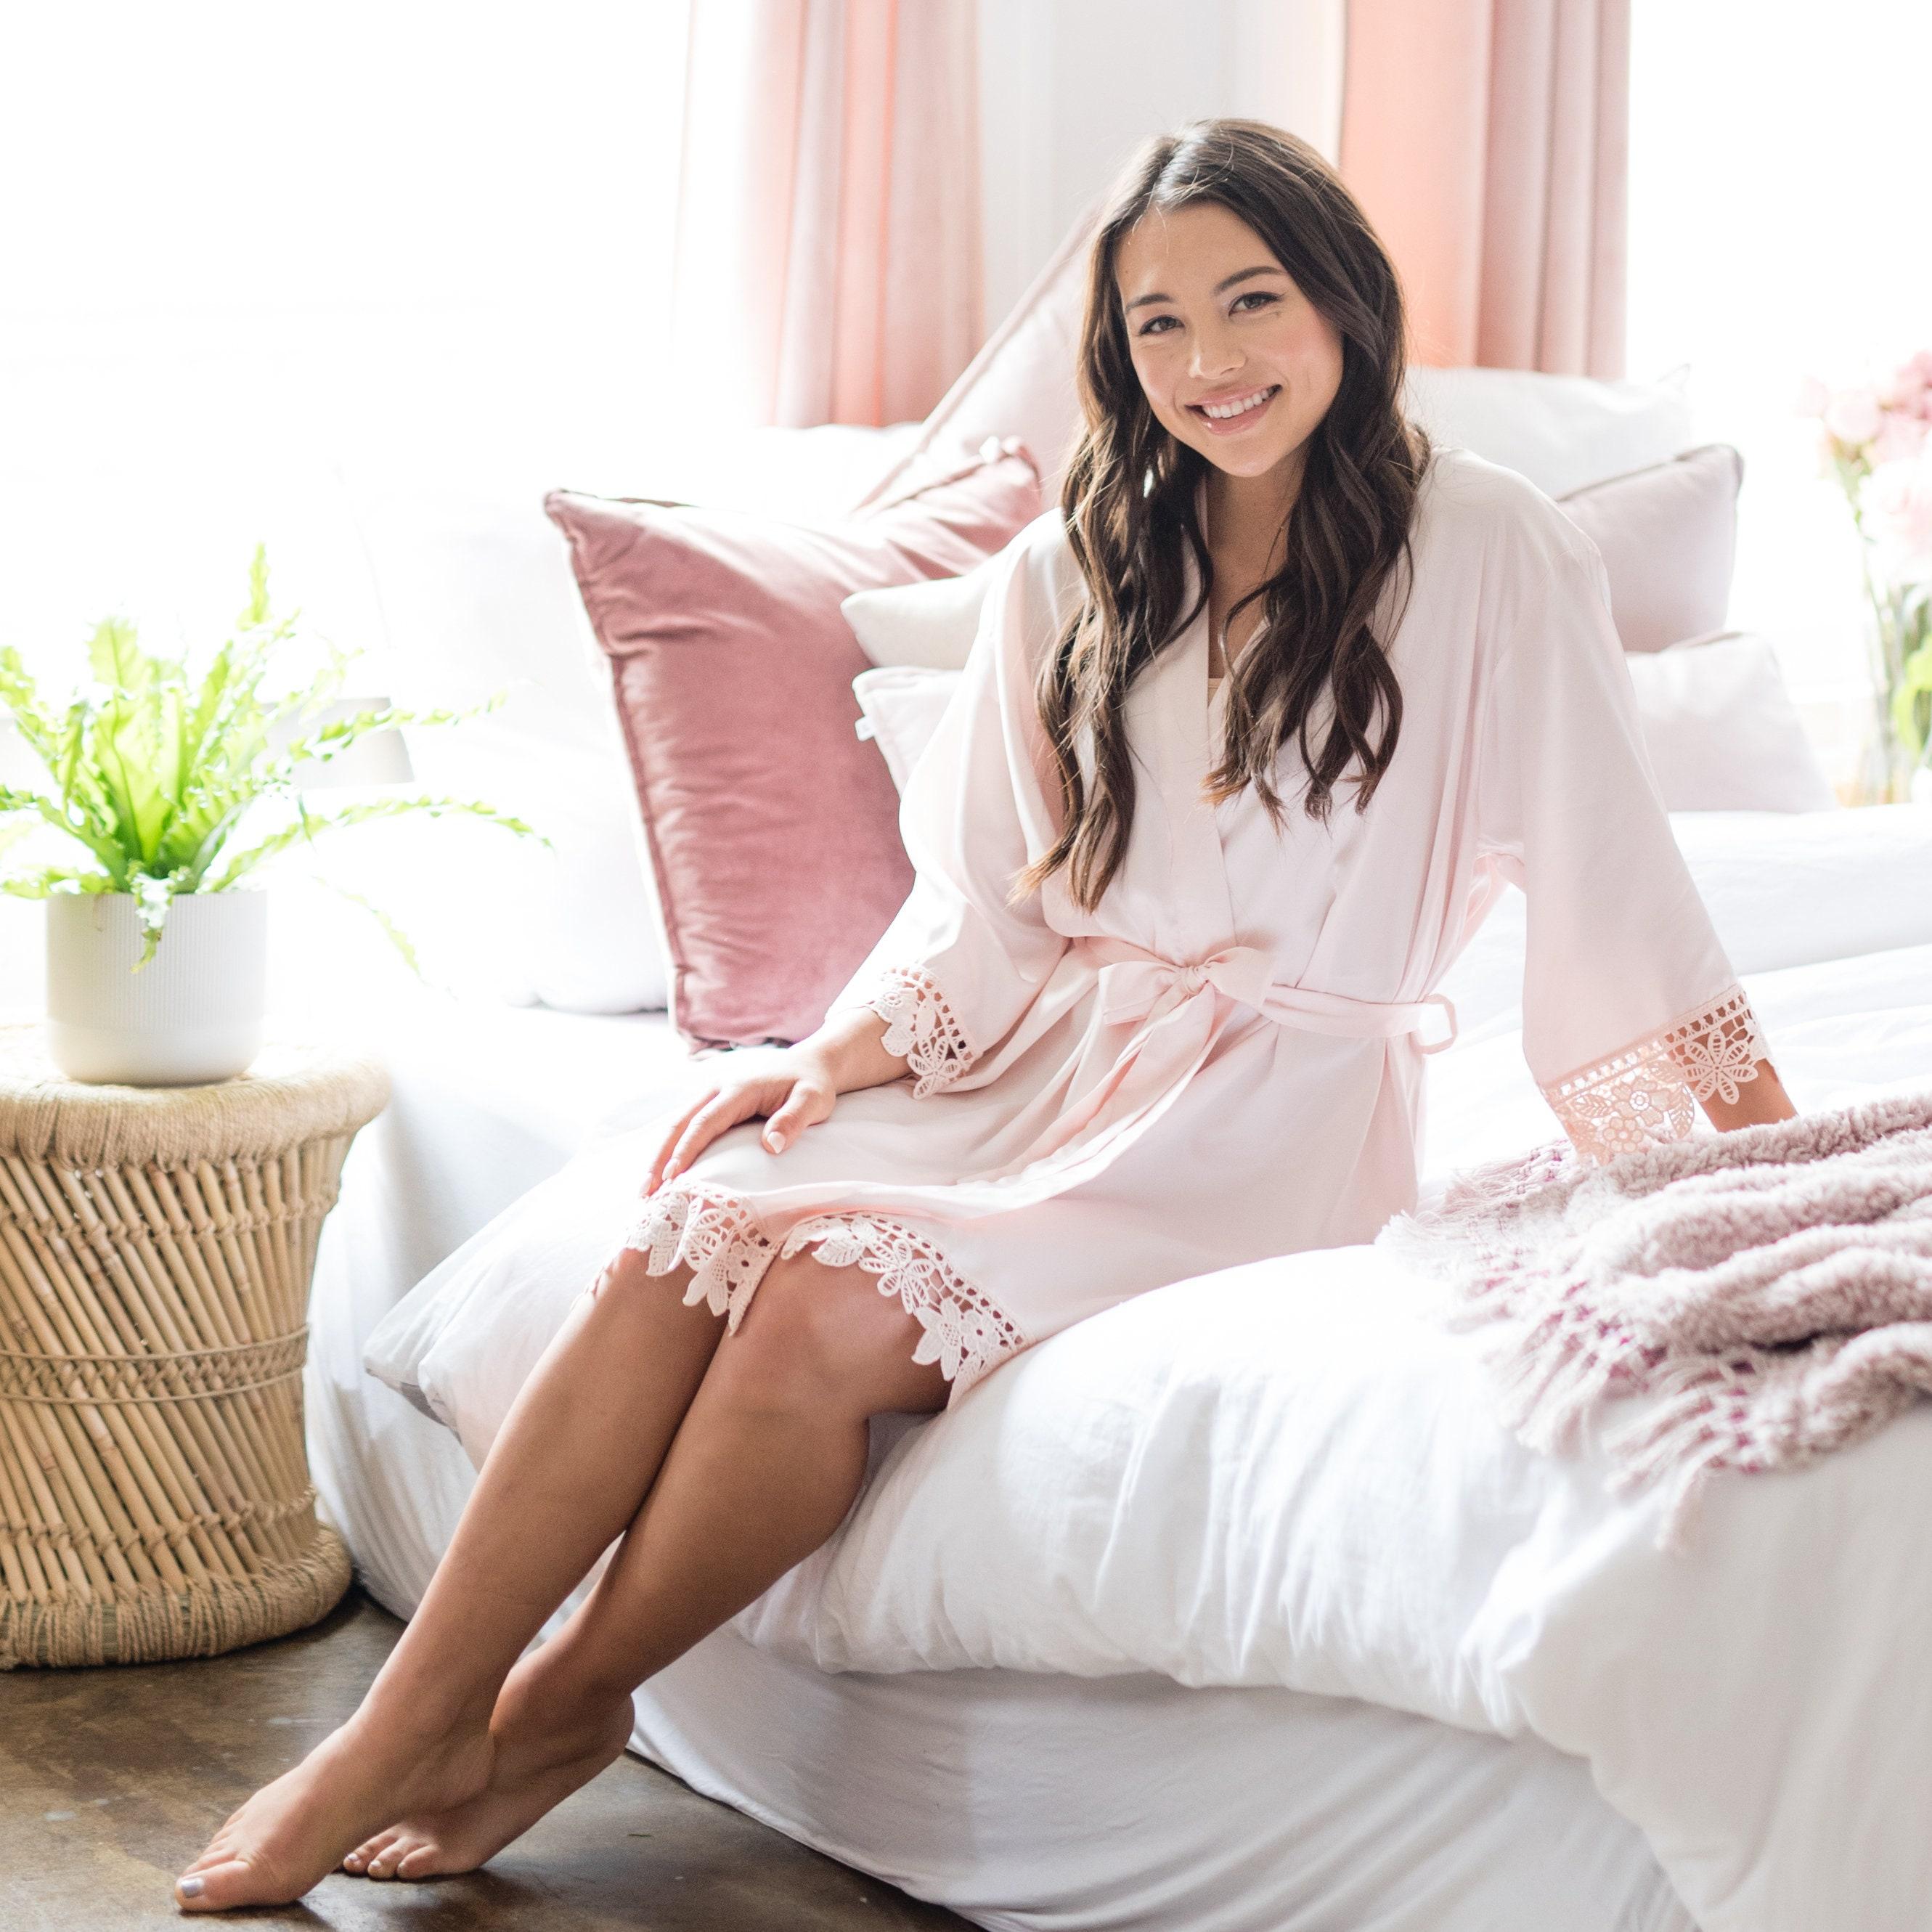 Silky Chunky Lace Robe  Bridesmaid Robes  Bridal Robe  image 7